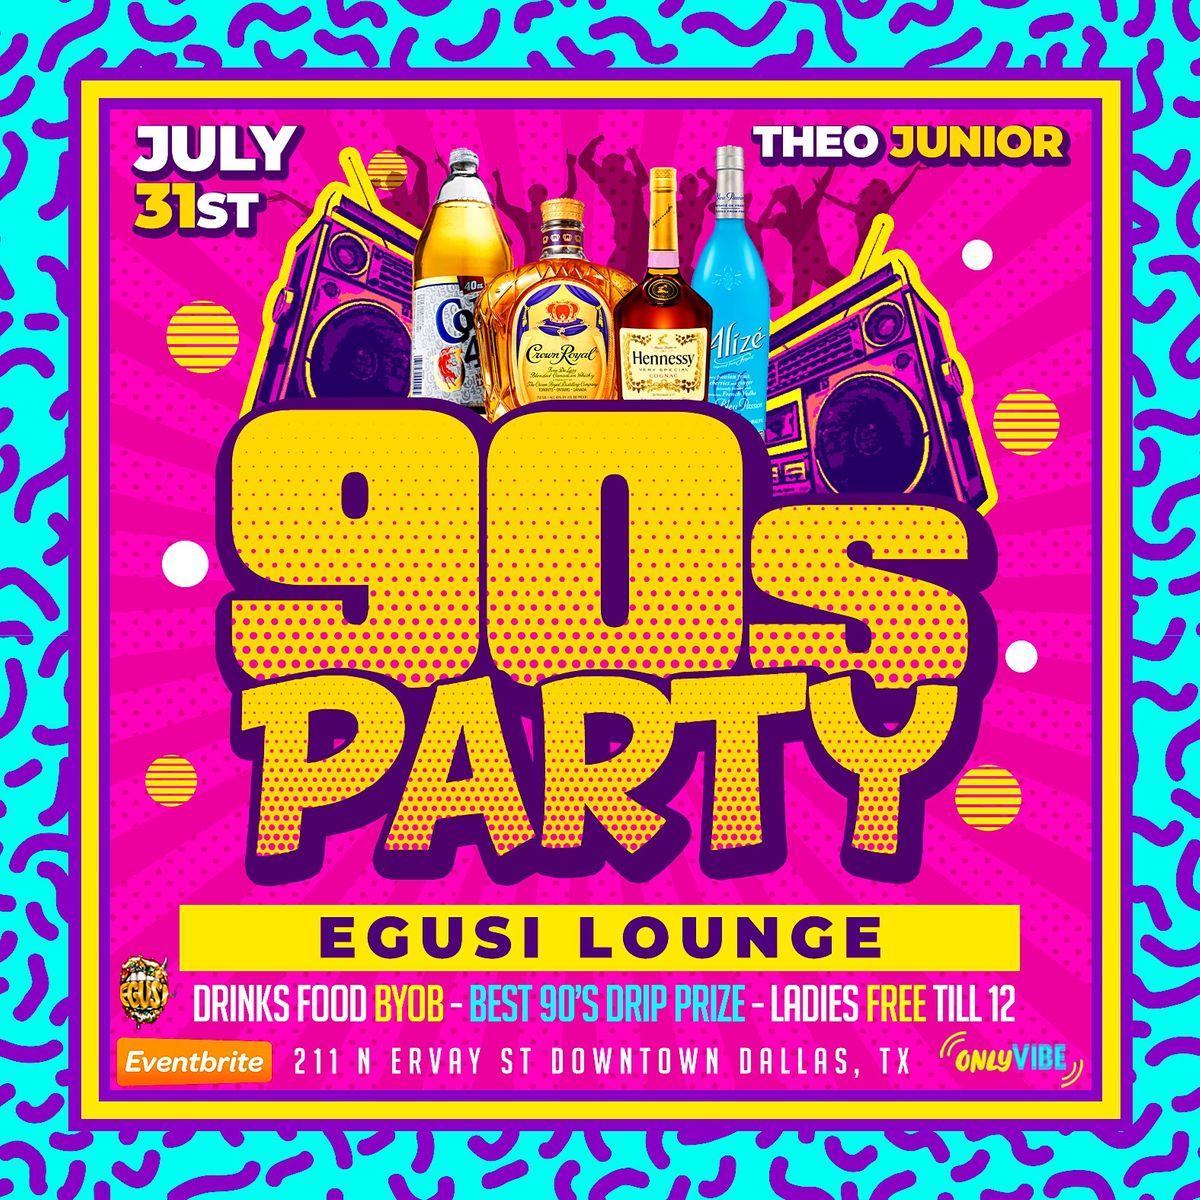 90s  Party at Egusi